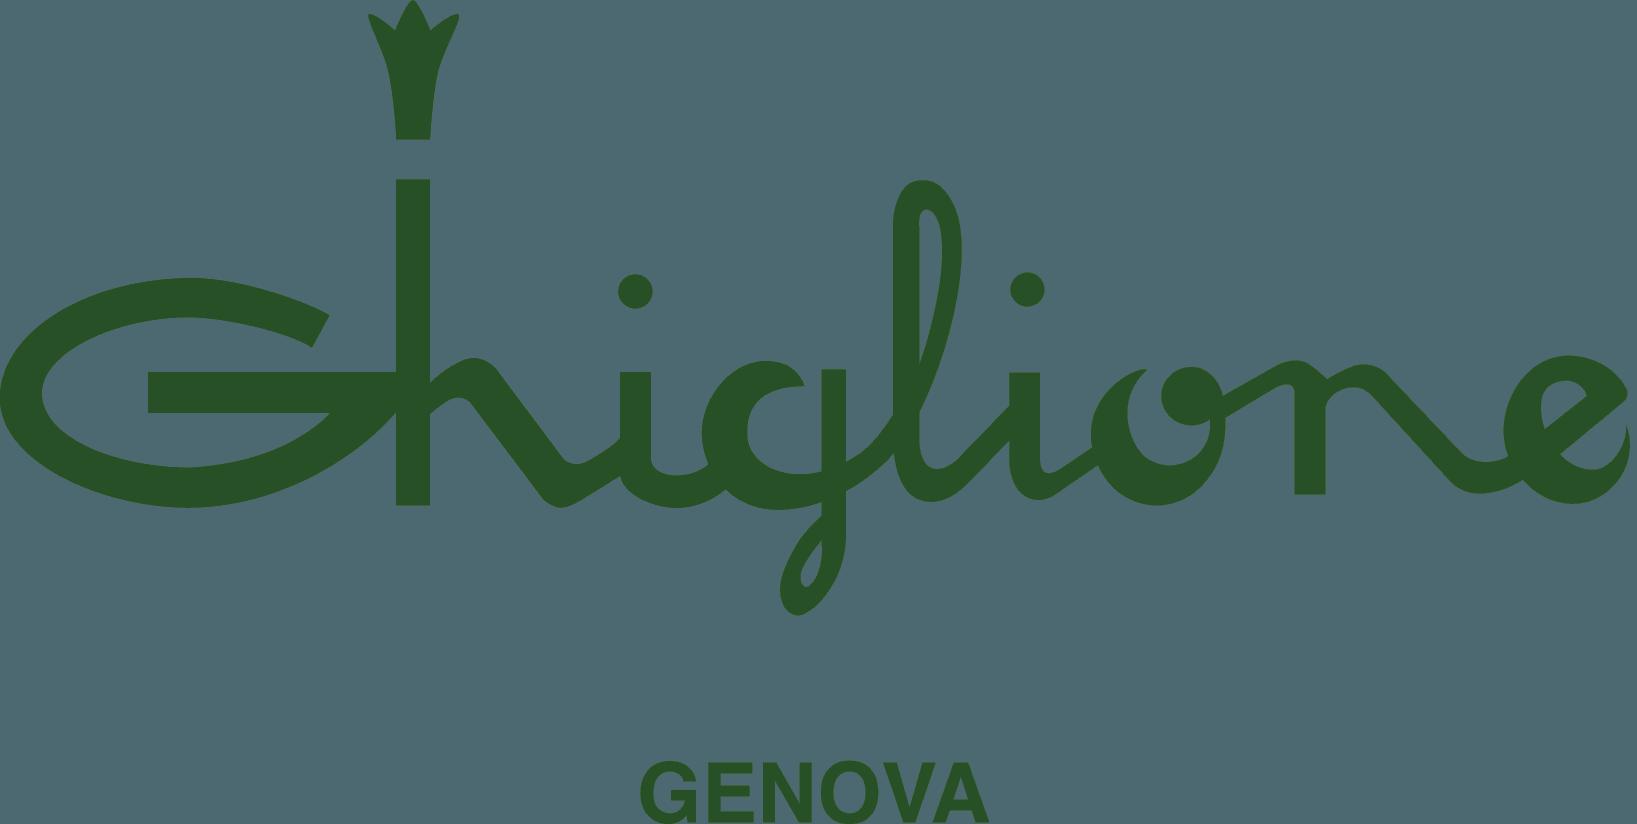 GHIGLIONE ABBIGLIAMENTO-LOGO